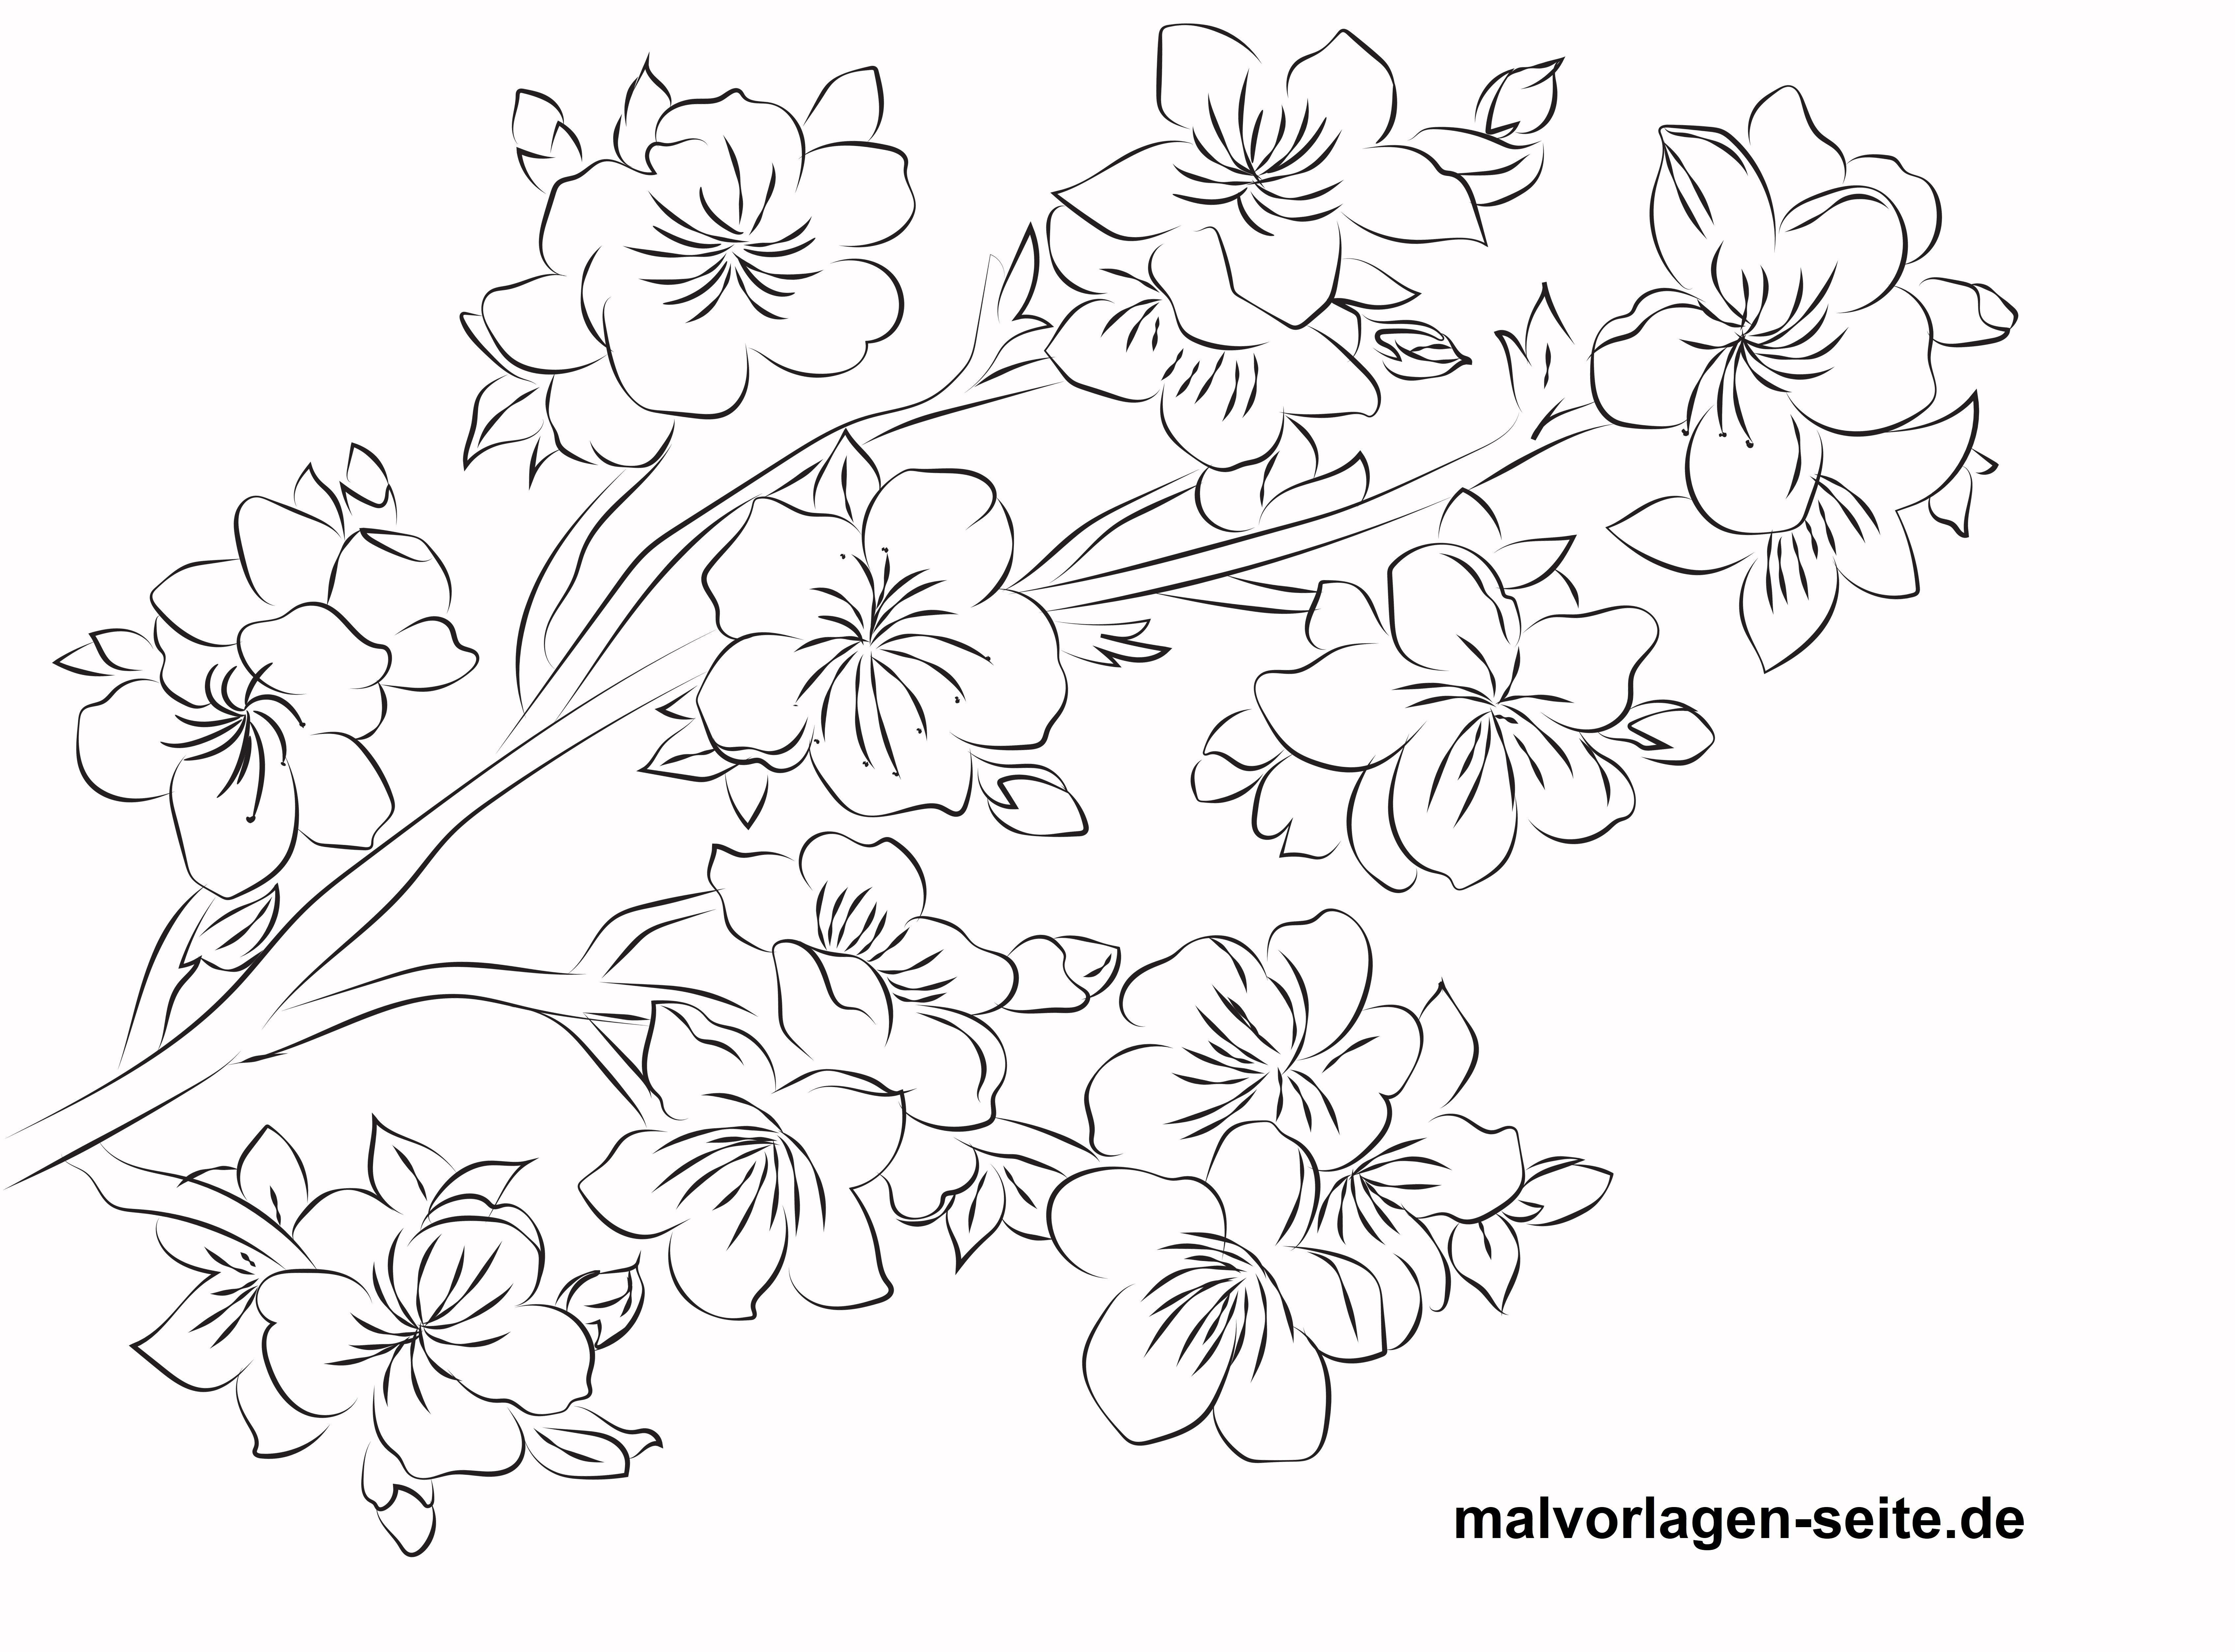 Malvorlage Kirschblüte für Erwachsene - Kostenlose Ausmalbilder